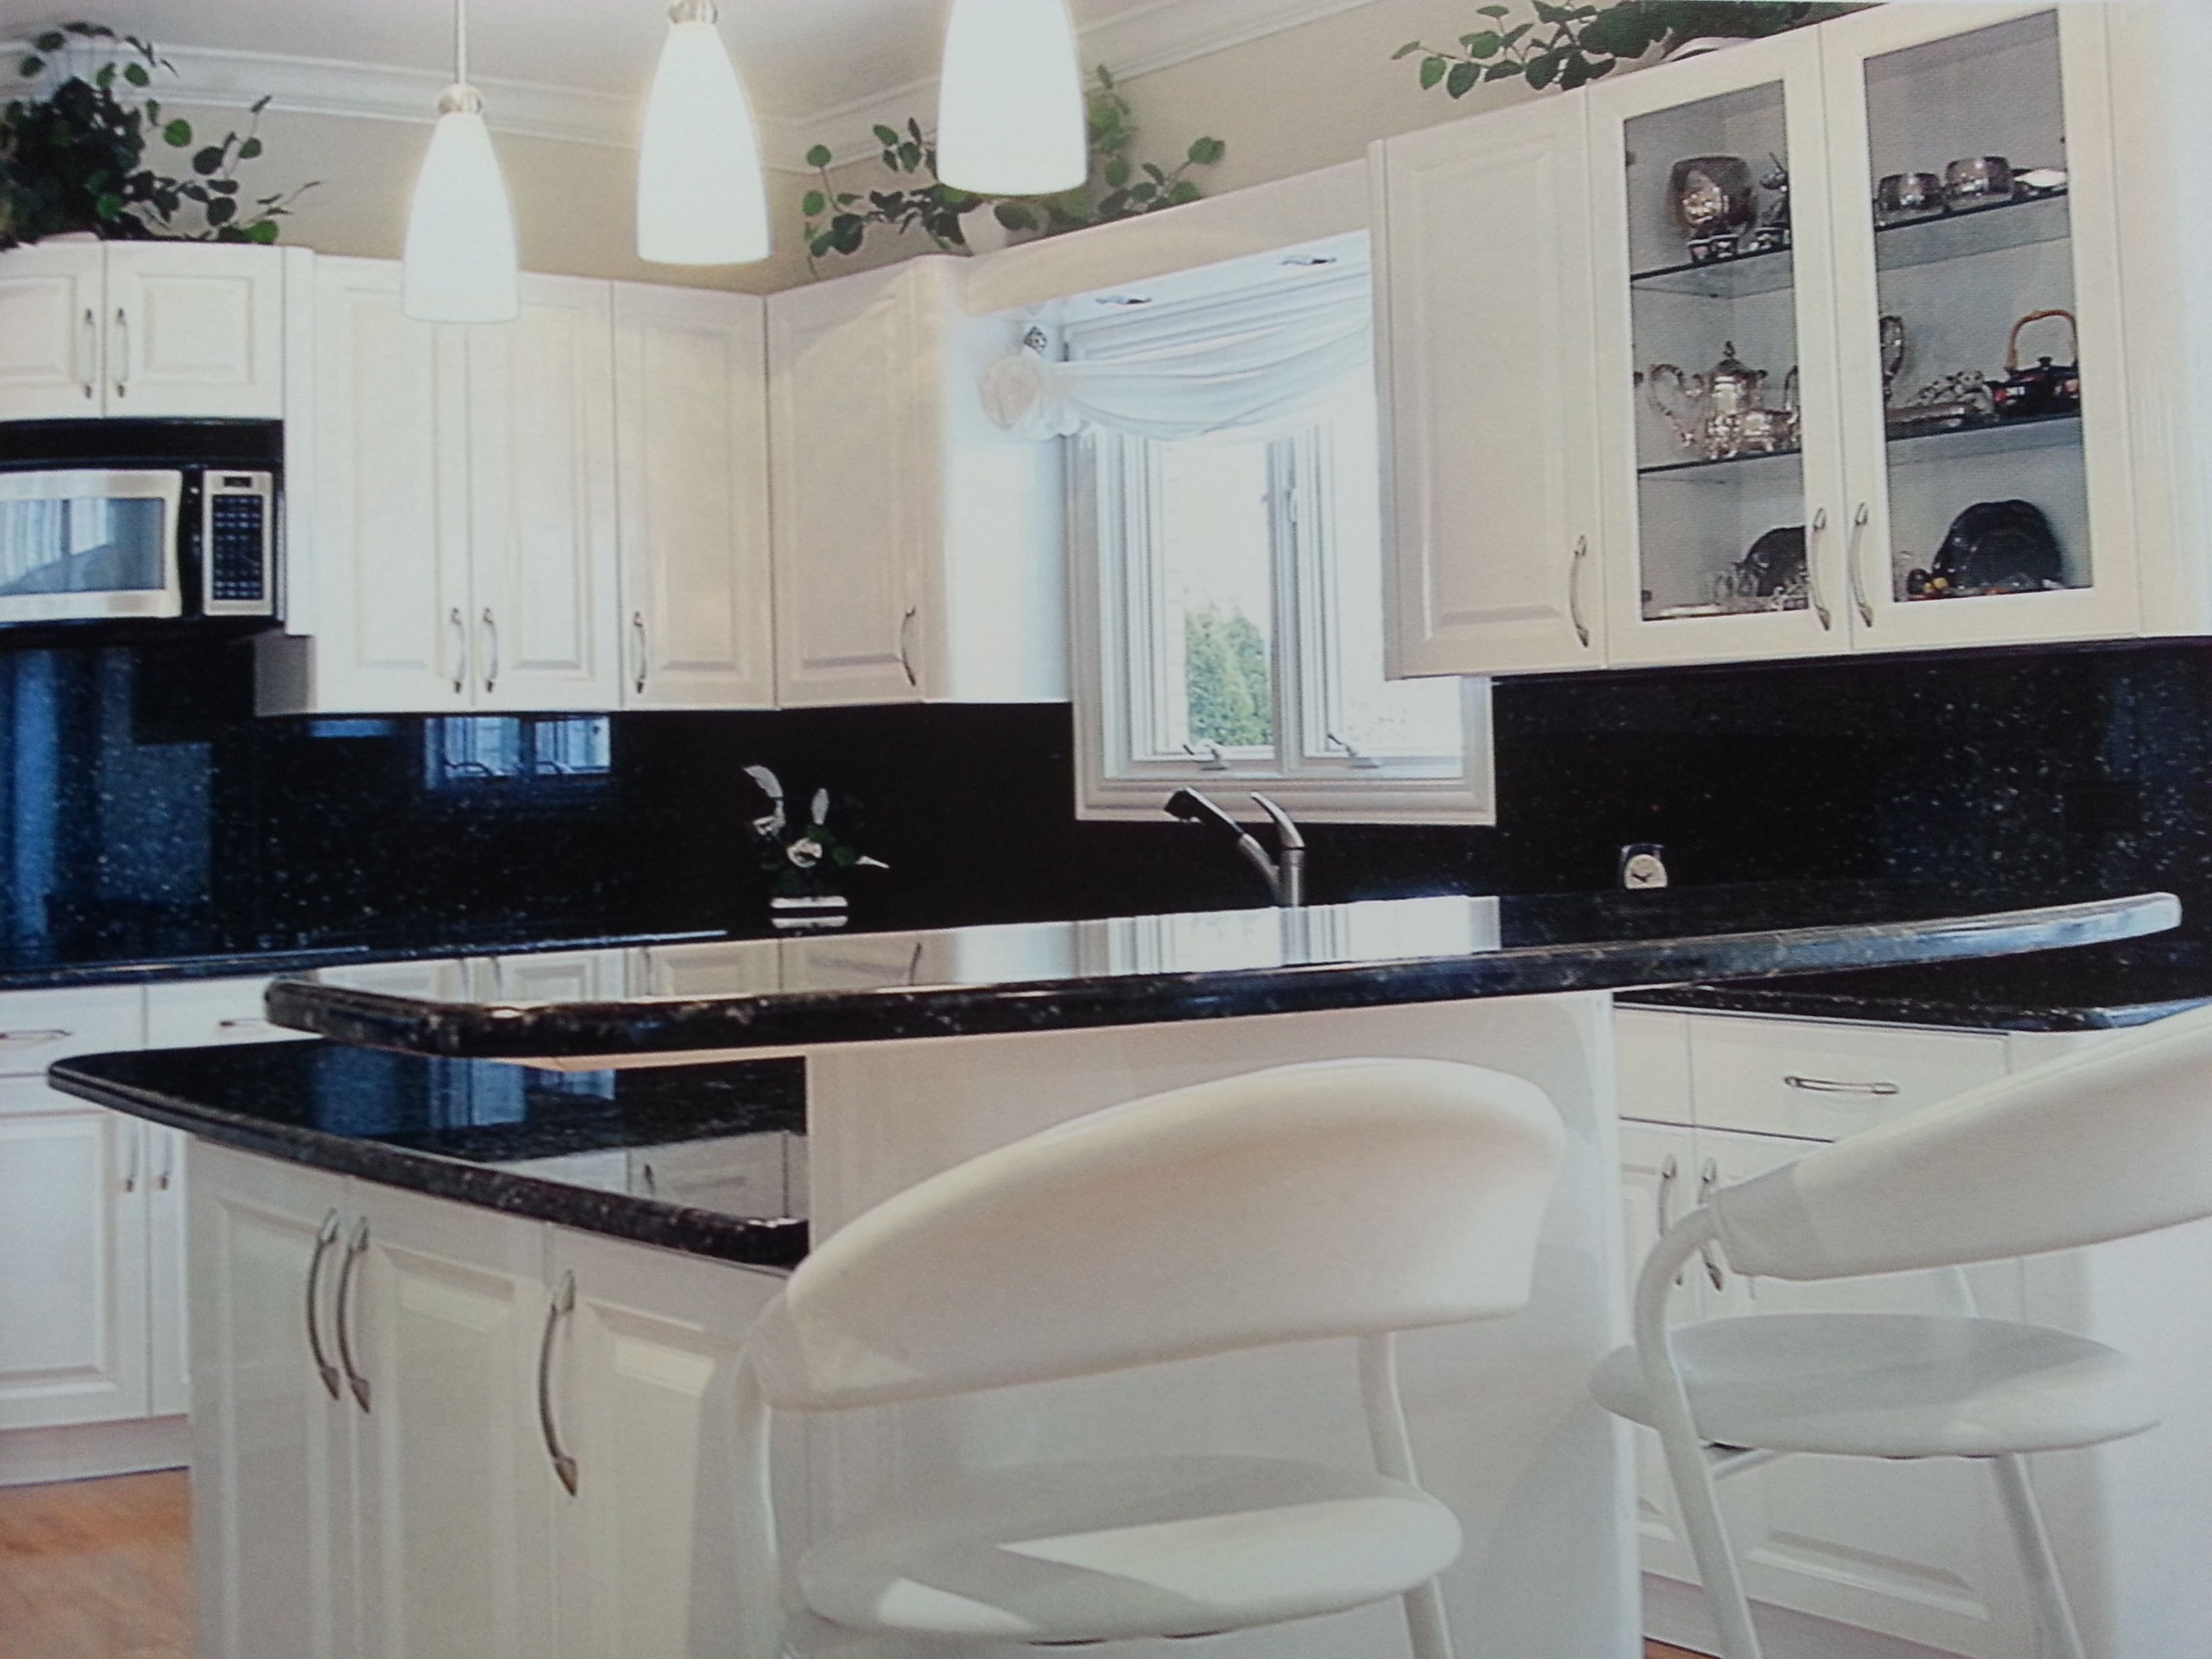 Cocina en laca blanca mate y encimera en granito negro - Cocinas blancas ...